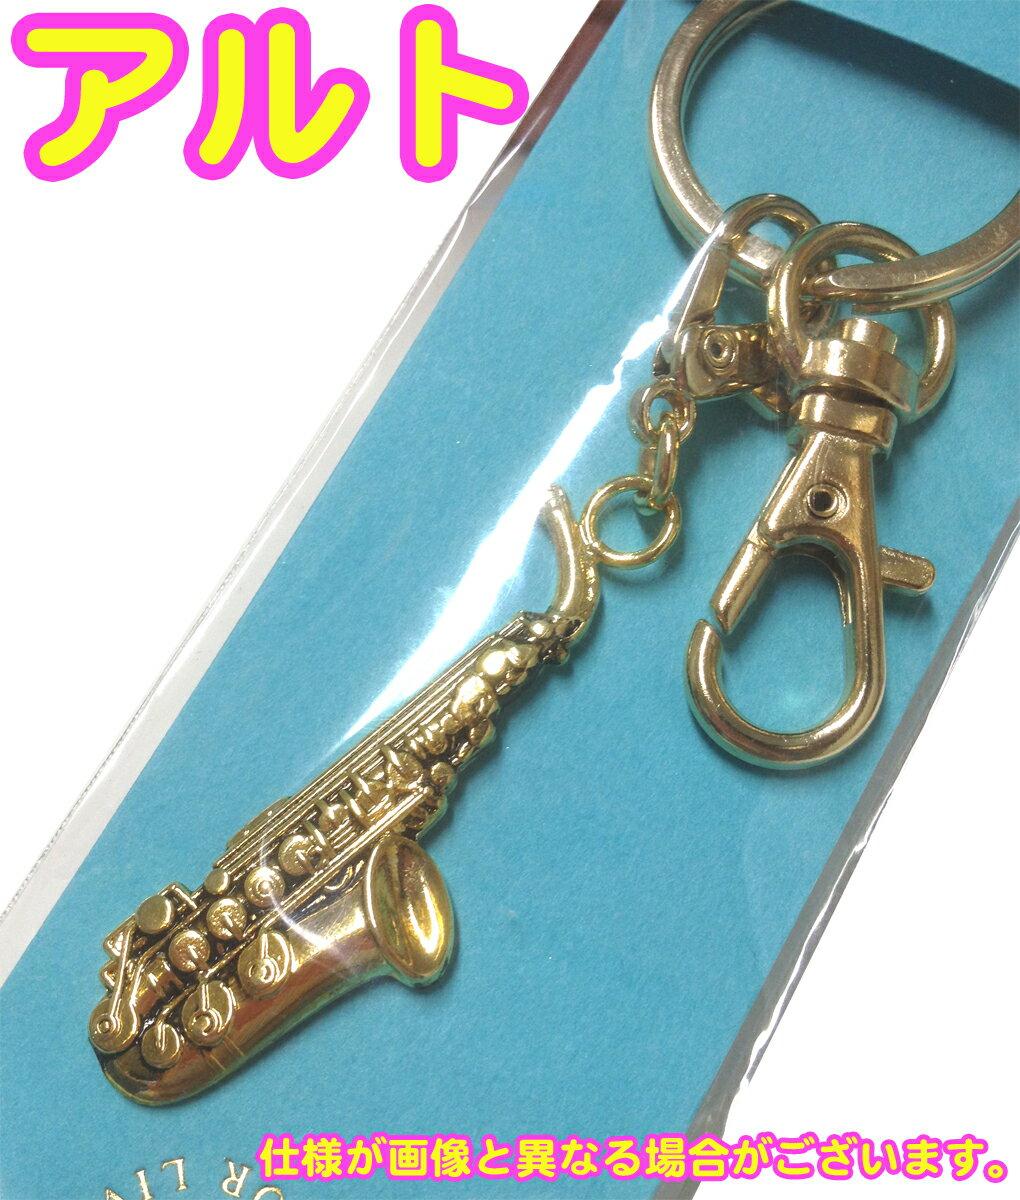 [メール便のみ送料無料]日本製アルトサックスチャームキーホルダーゴールドブラスバンドキーホルダー楽器